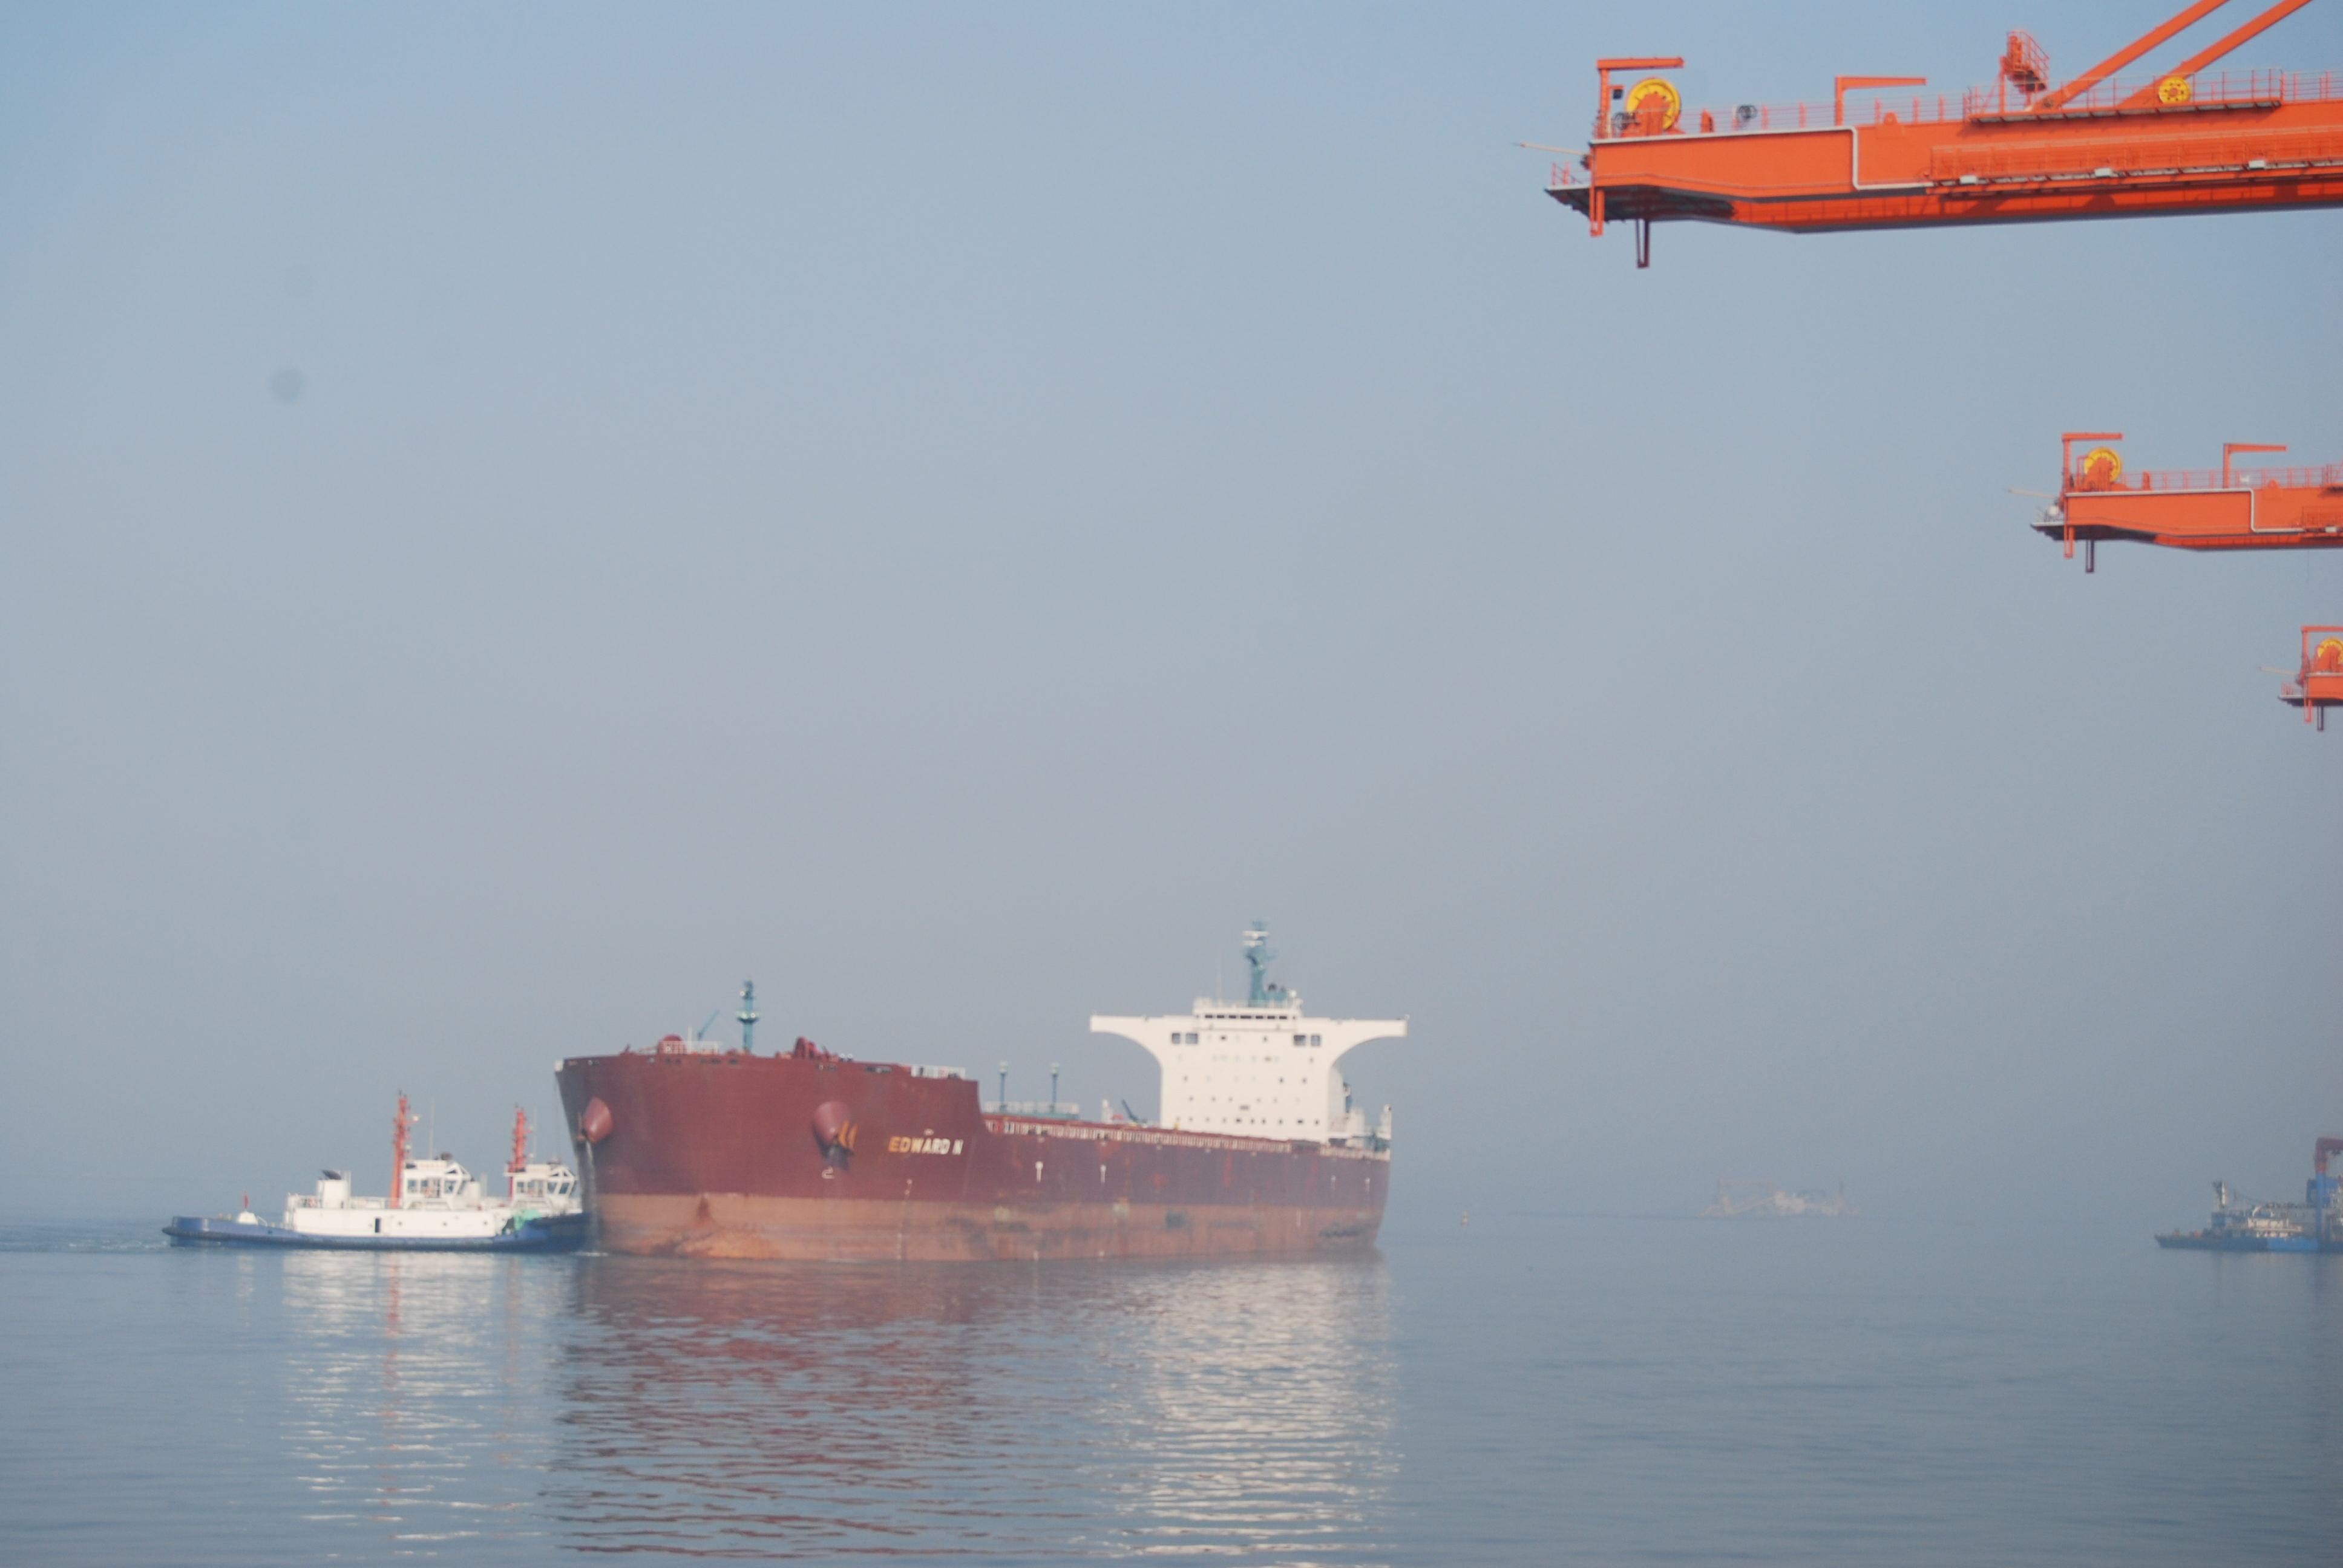 黄骅港综合港区迎来首艘20万吨级船舶